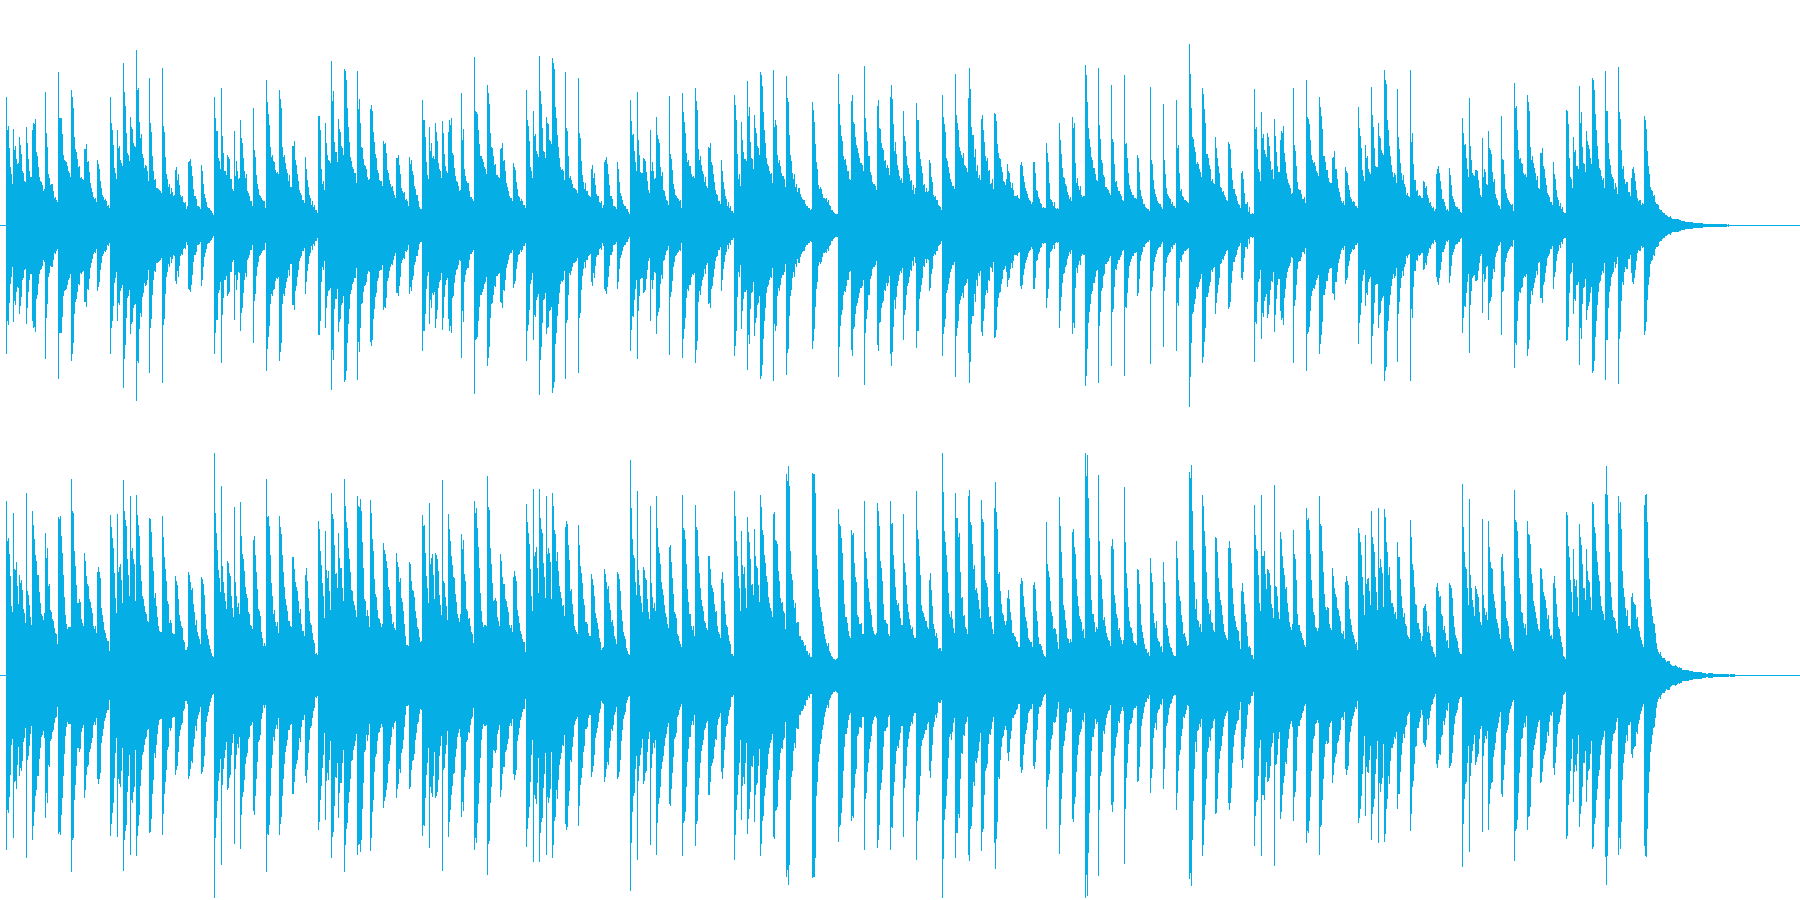 クリスマスの軽快なオルゴール曲の再生済みの波形